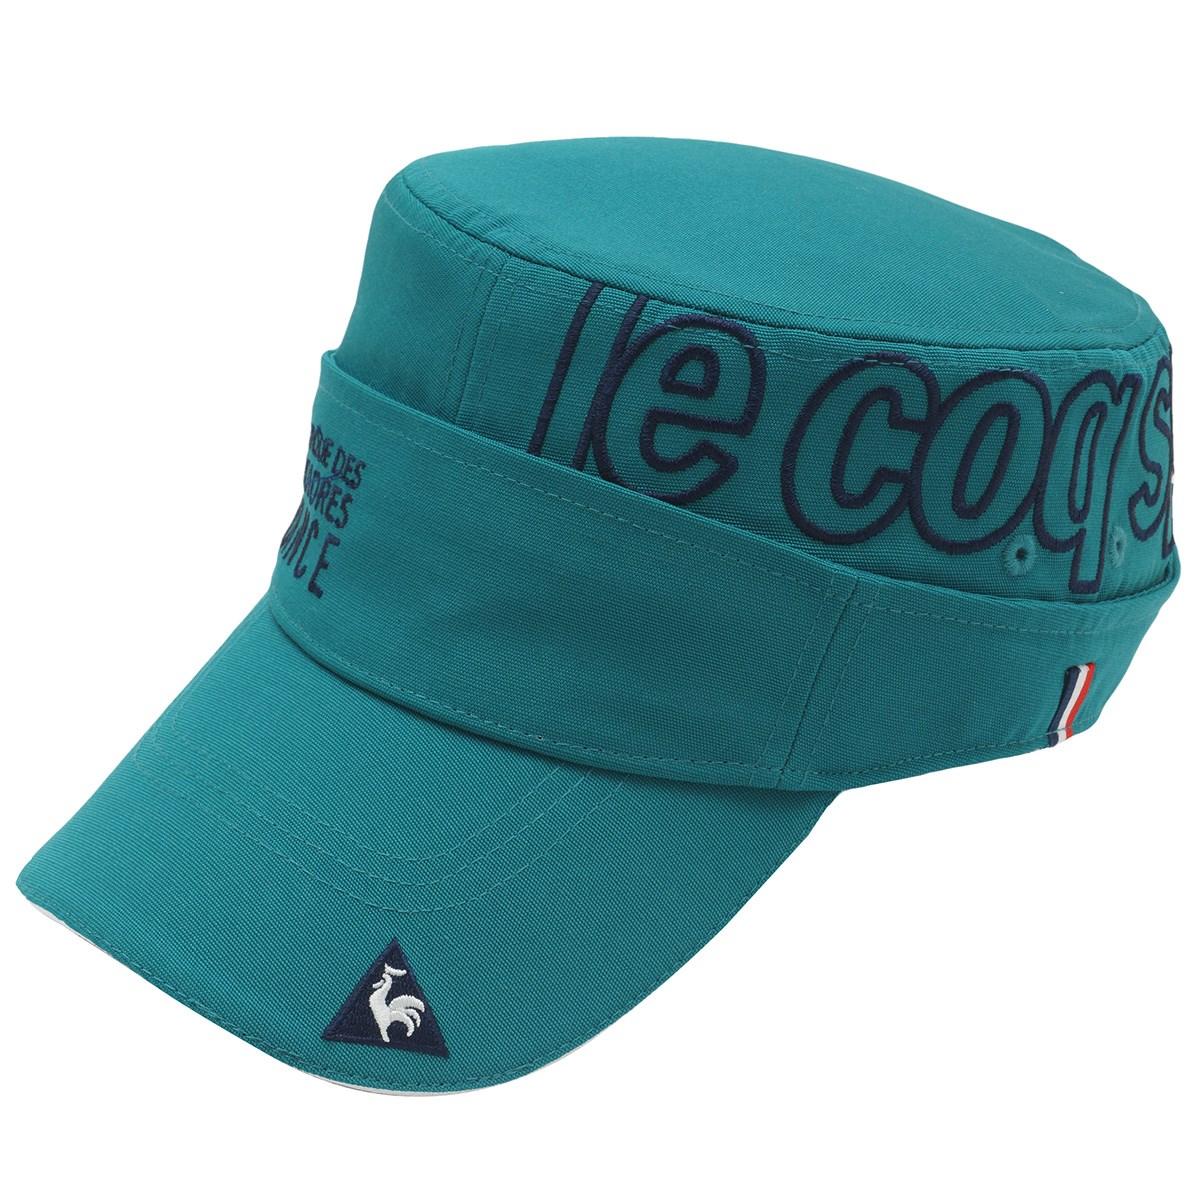 ルコックゴルフ Le coq sportif GOLF 2WAYドゴールキャップ フリー ブルー 00